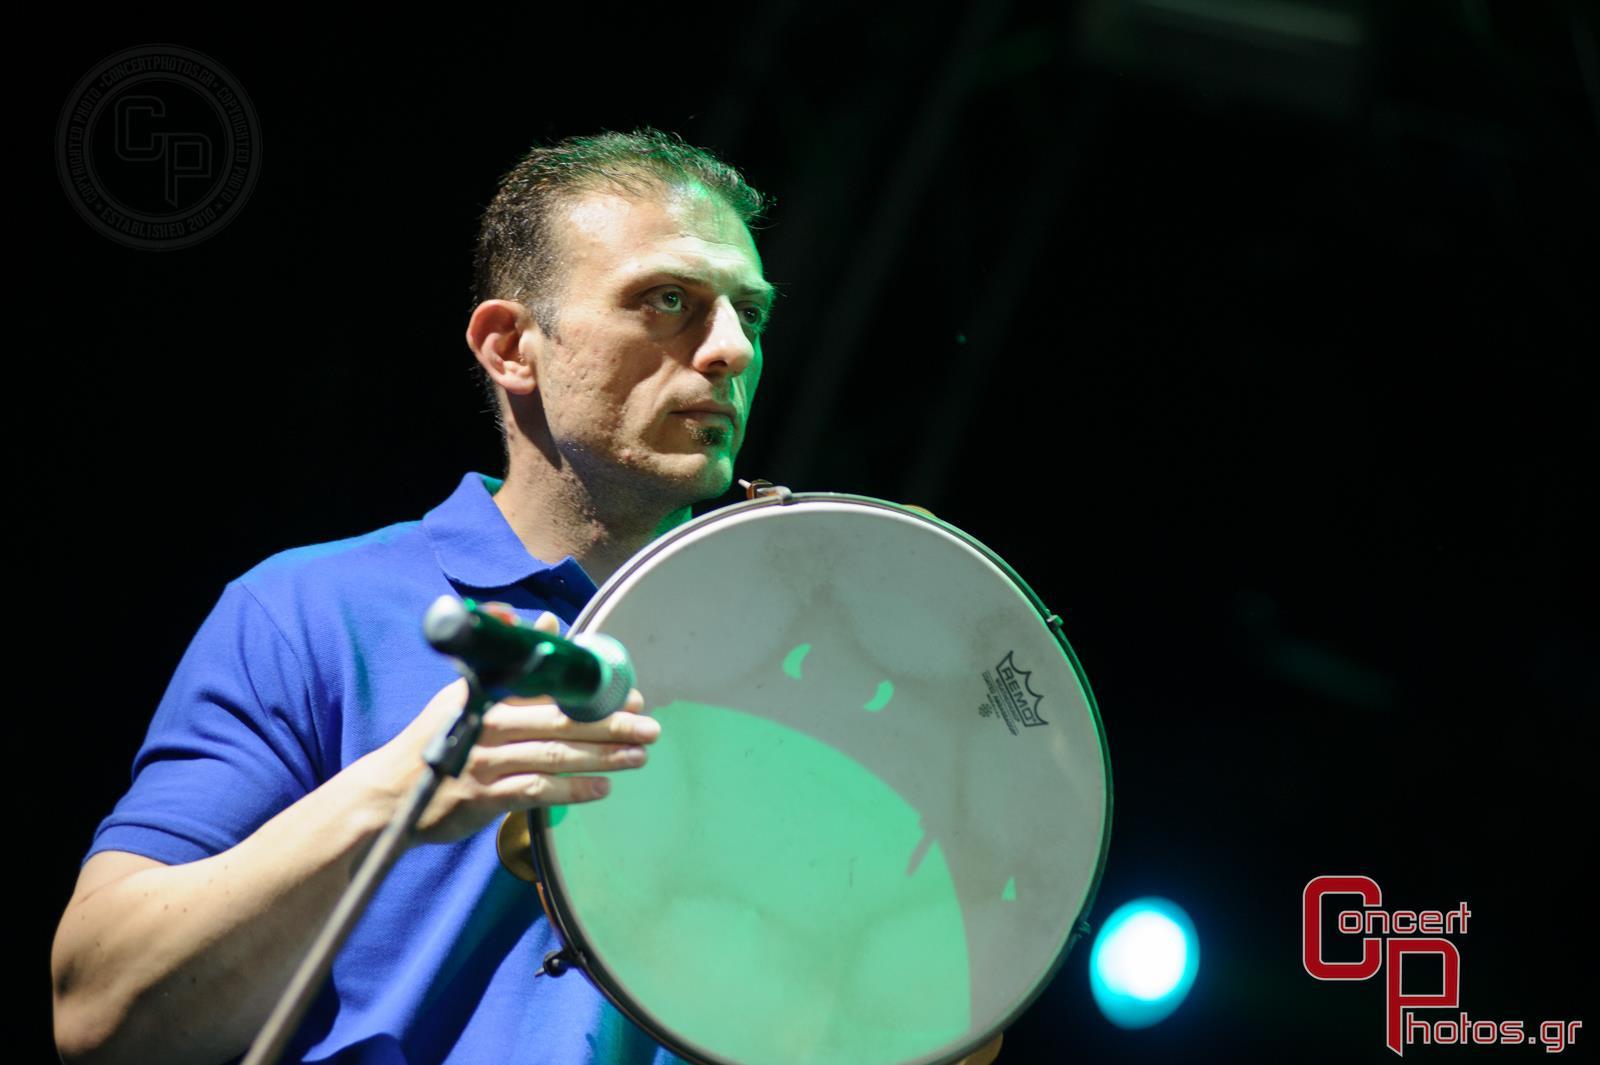 Μία συναυλία για τη Σχεδία 2014-Sxedia 2014 photographer:  - concertphotos_20140526_22_26_51